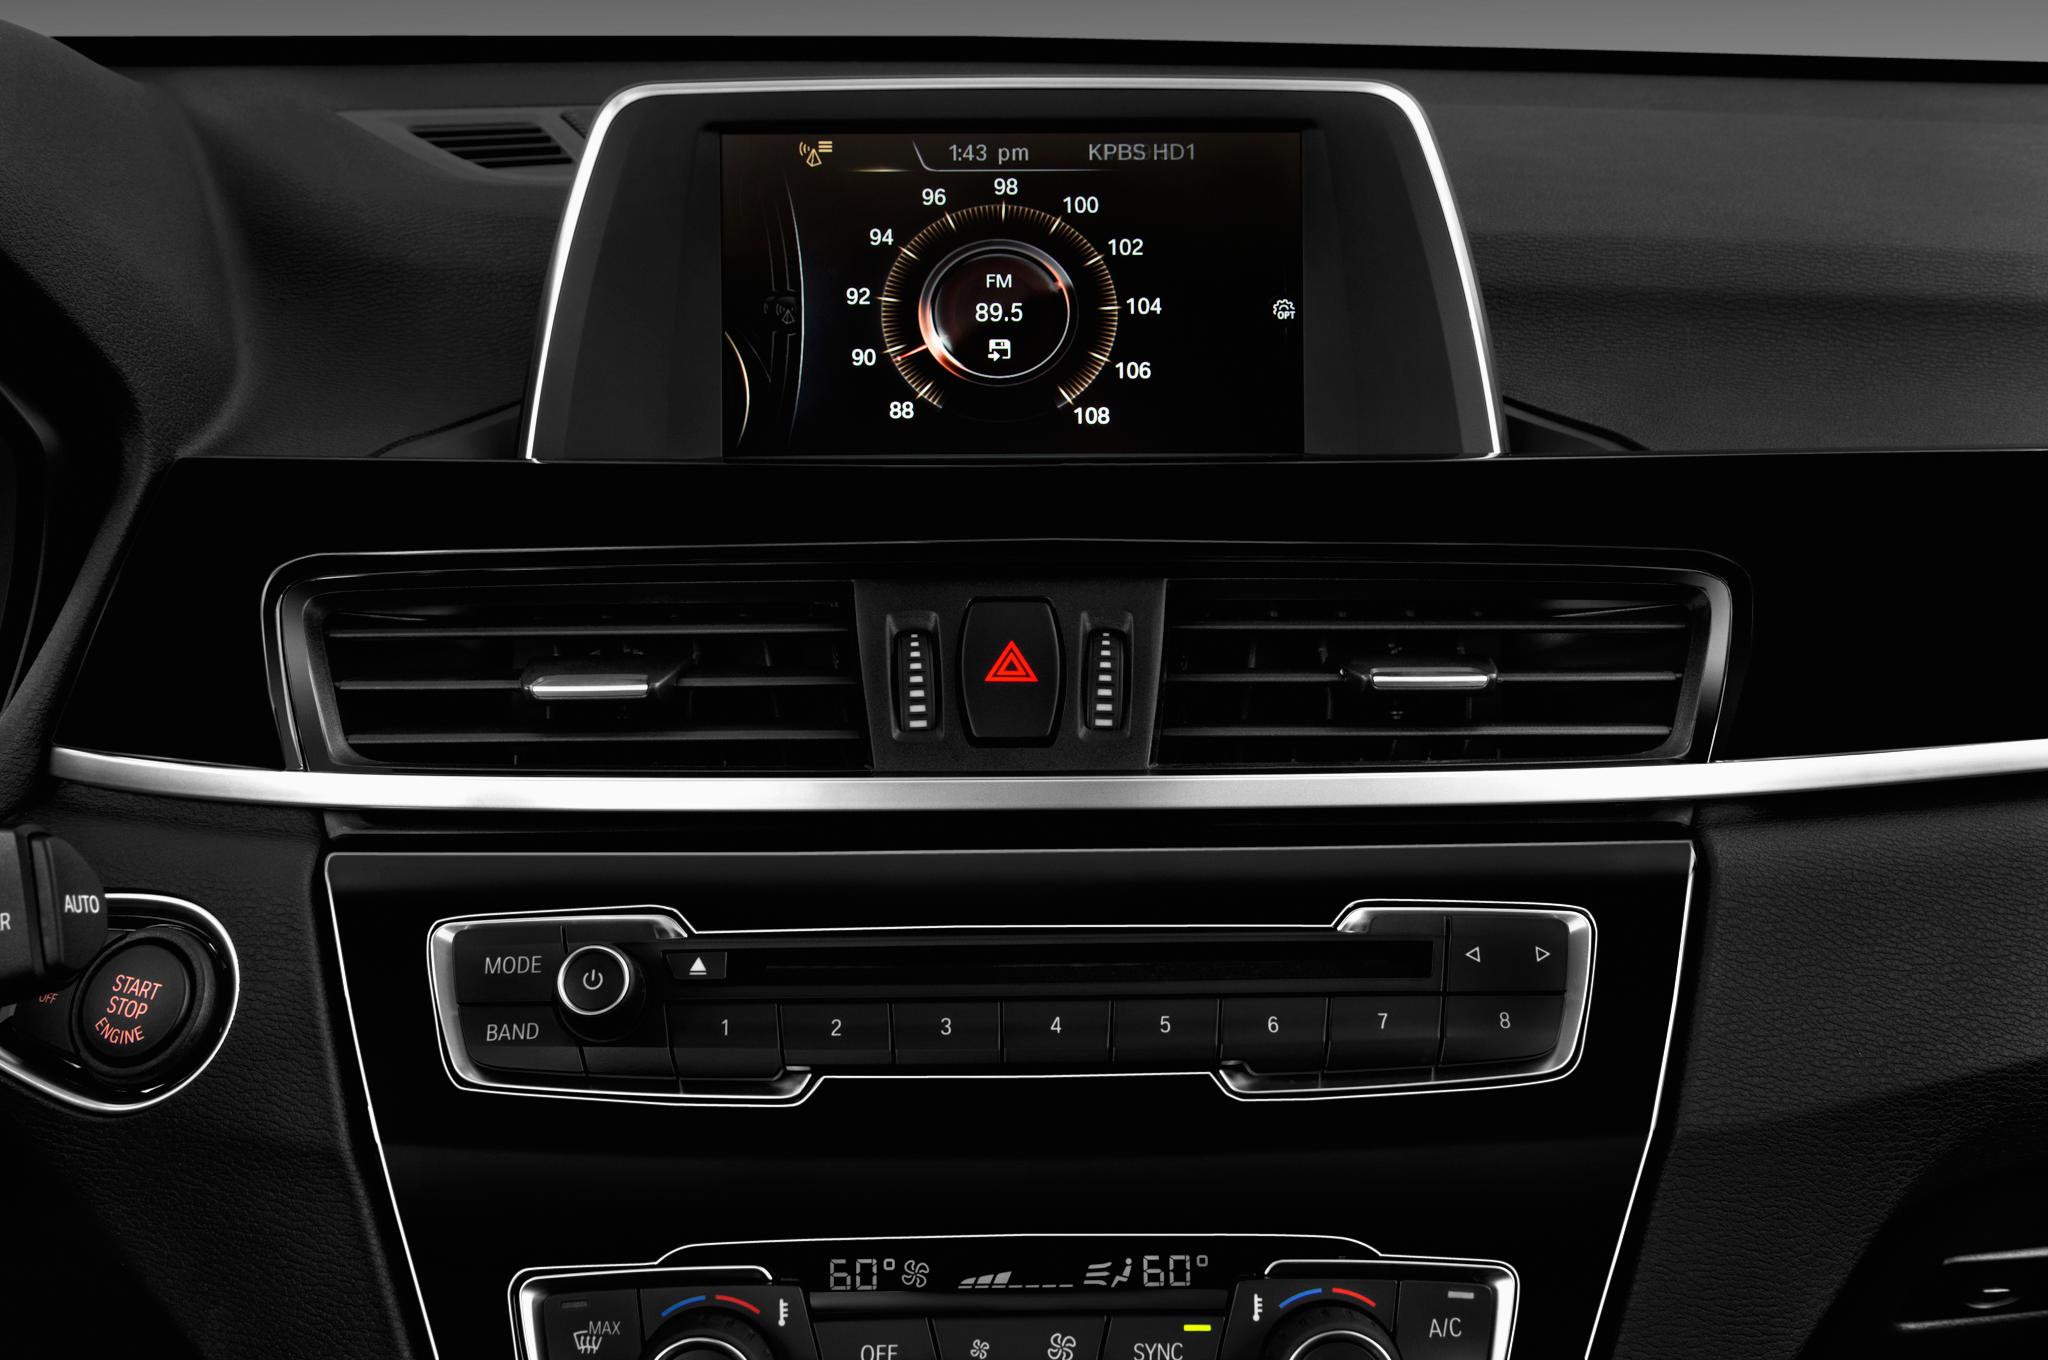 2017 Bmw X1 Xdrive28i Suv Audio System